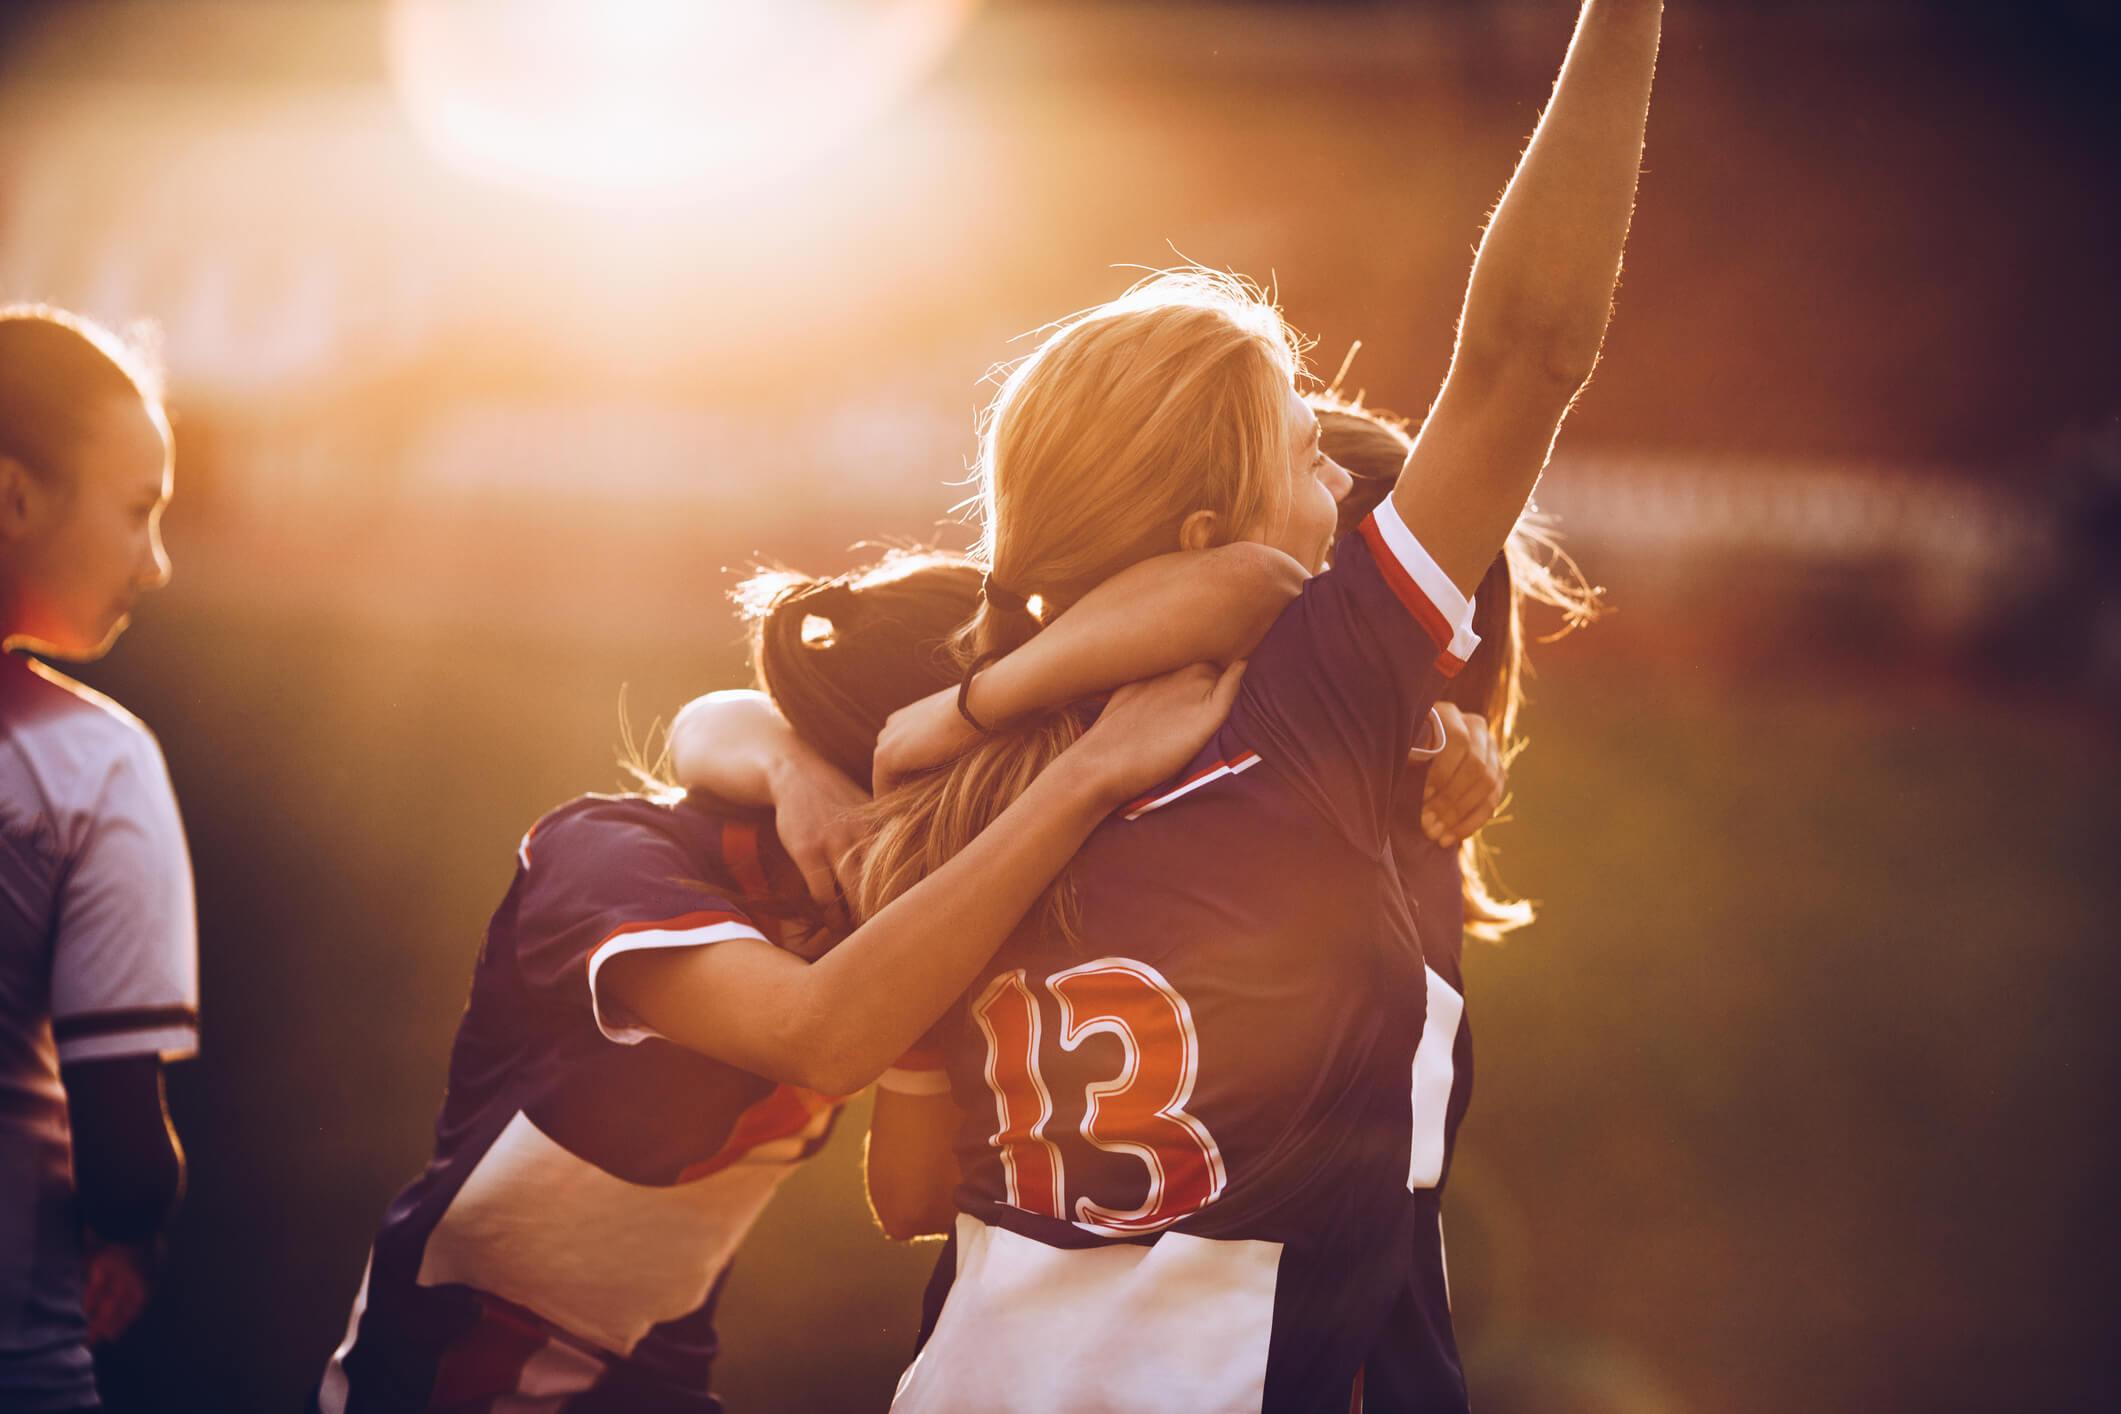 Futebol feminino: conheça as craques do Brasil